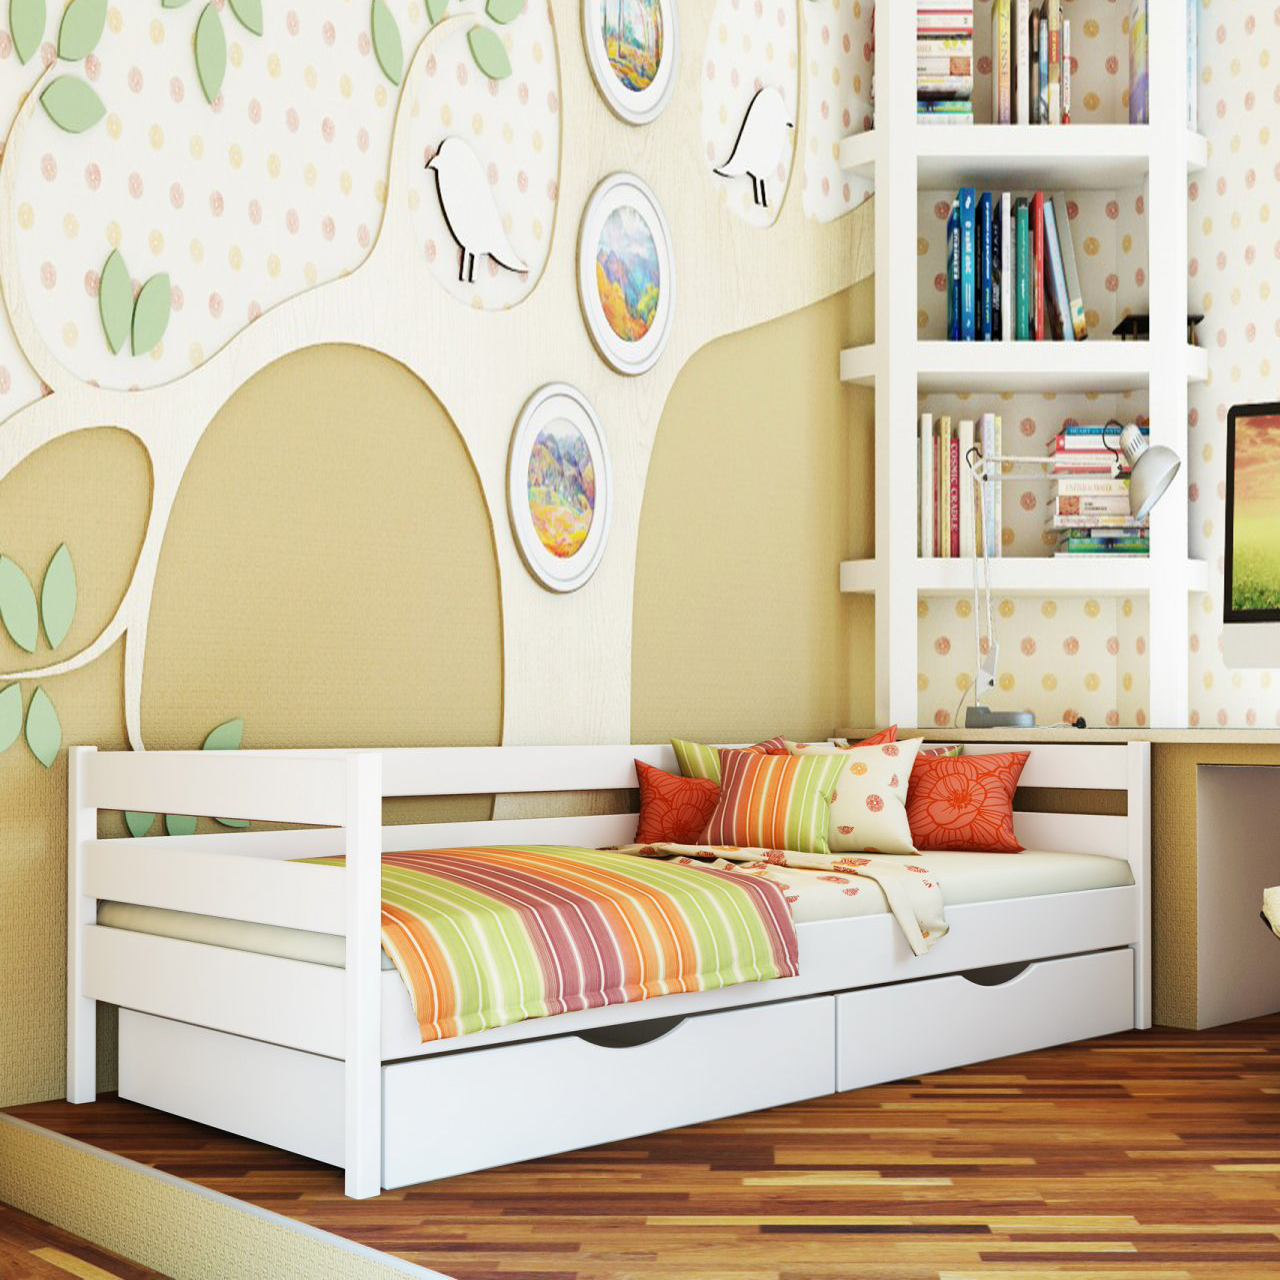 Ліжко дитяче дерев'яне Нота (бук)